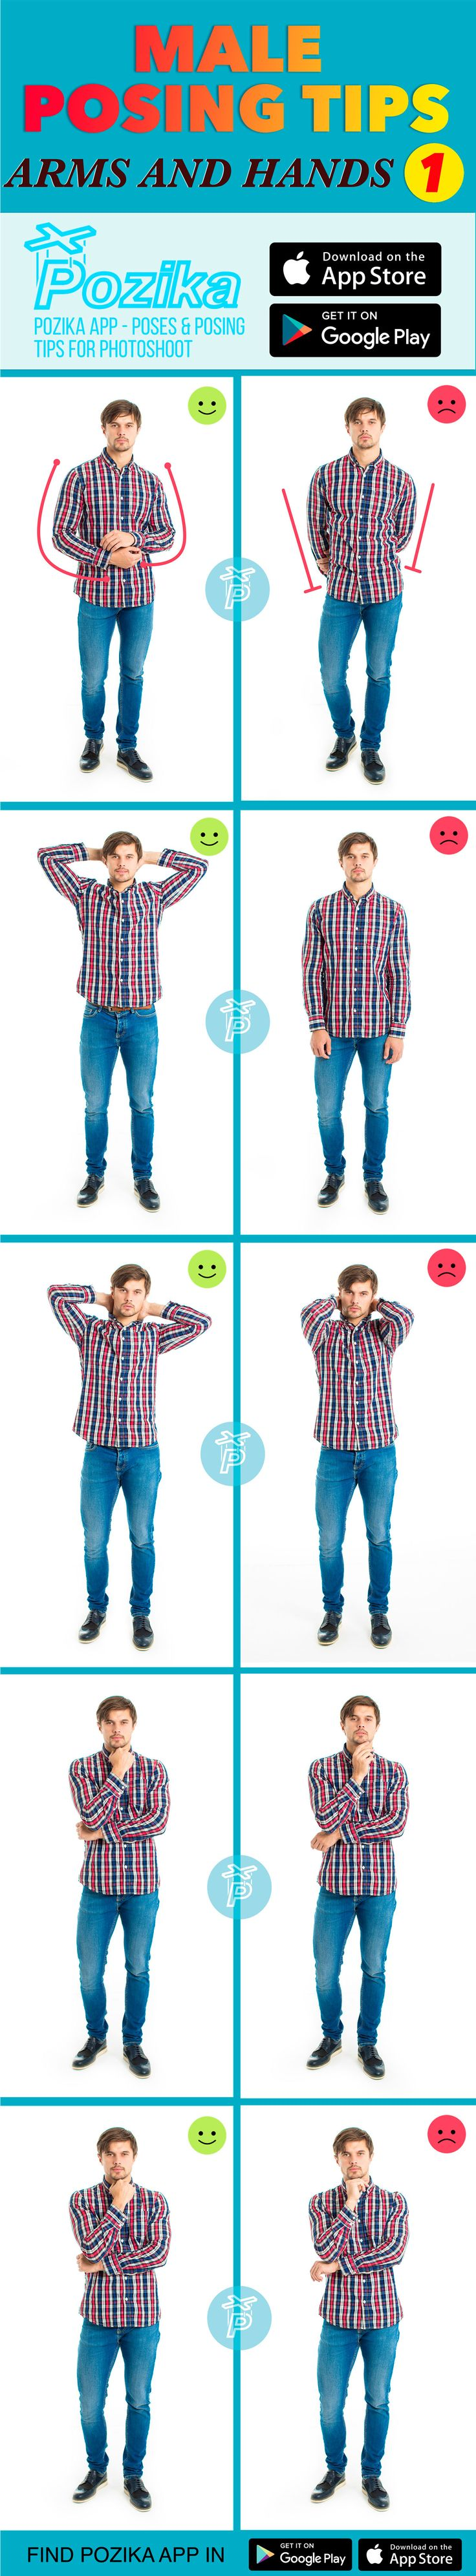 Photography | Photography Business | Photography Inspiration | Posing | Posing Ideas | Photography Posing | Tips and Tricks | Posing Tips and Tricks | How to Look Good in Photos